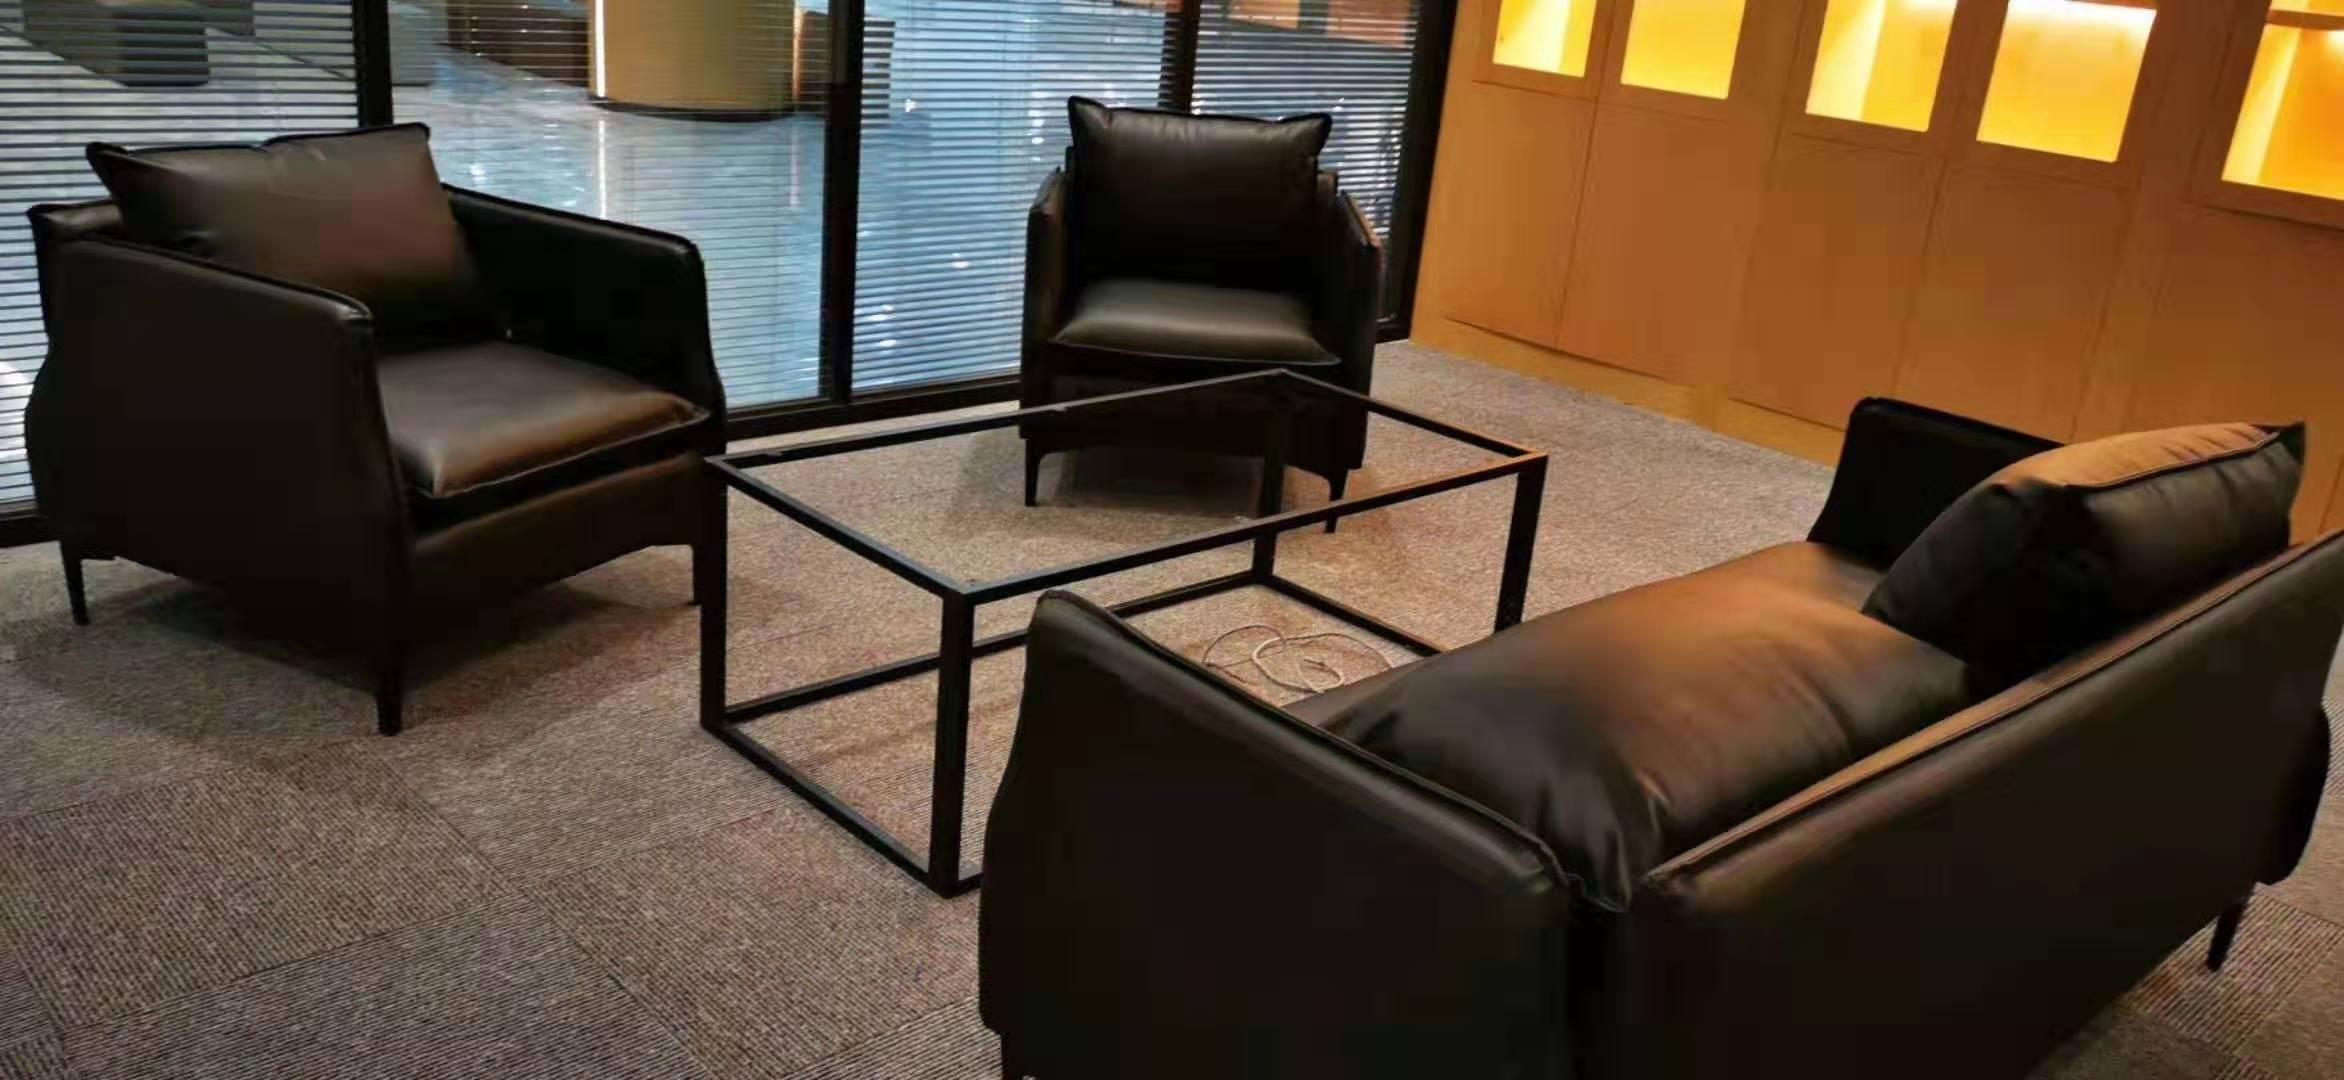 福州钢制办公家具的优缺点在哪里?